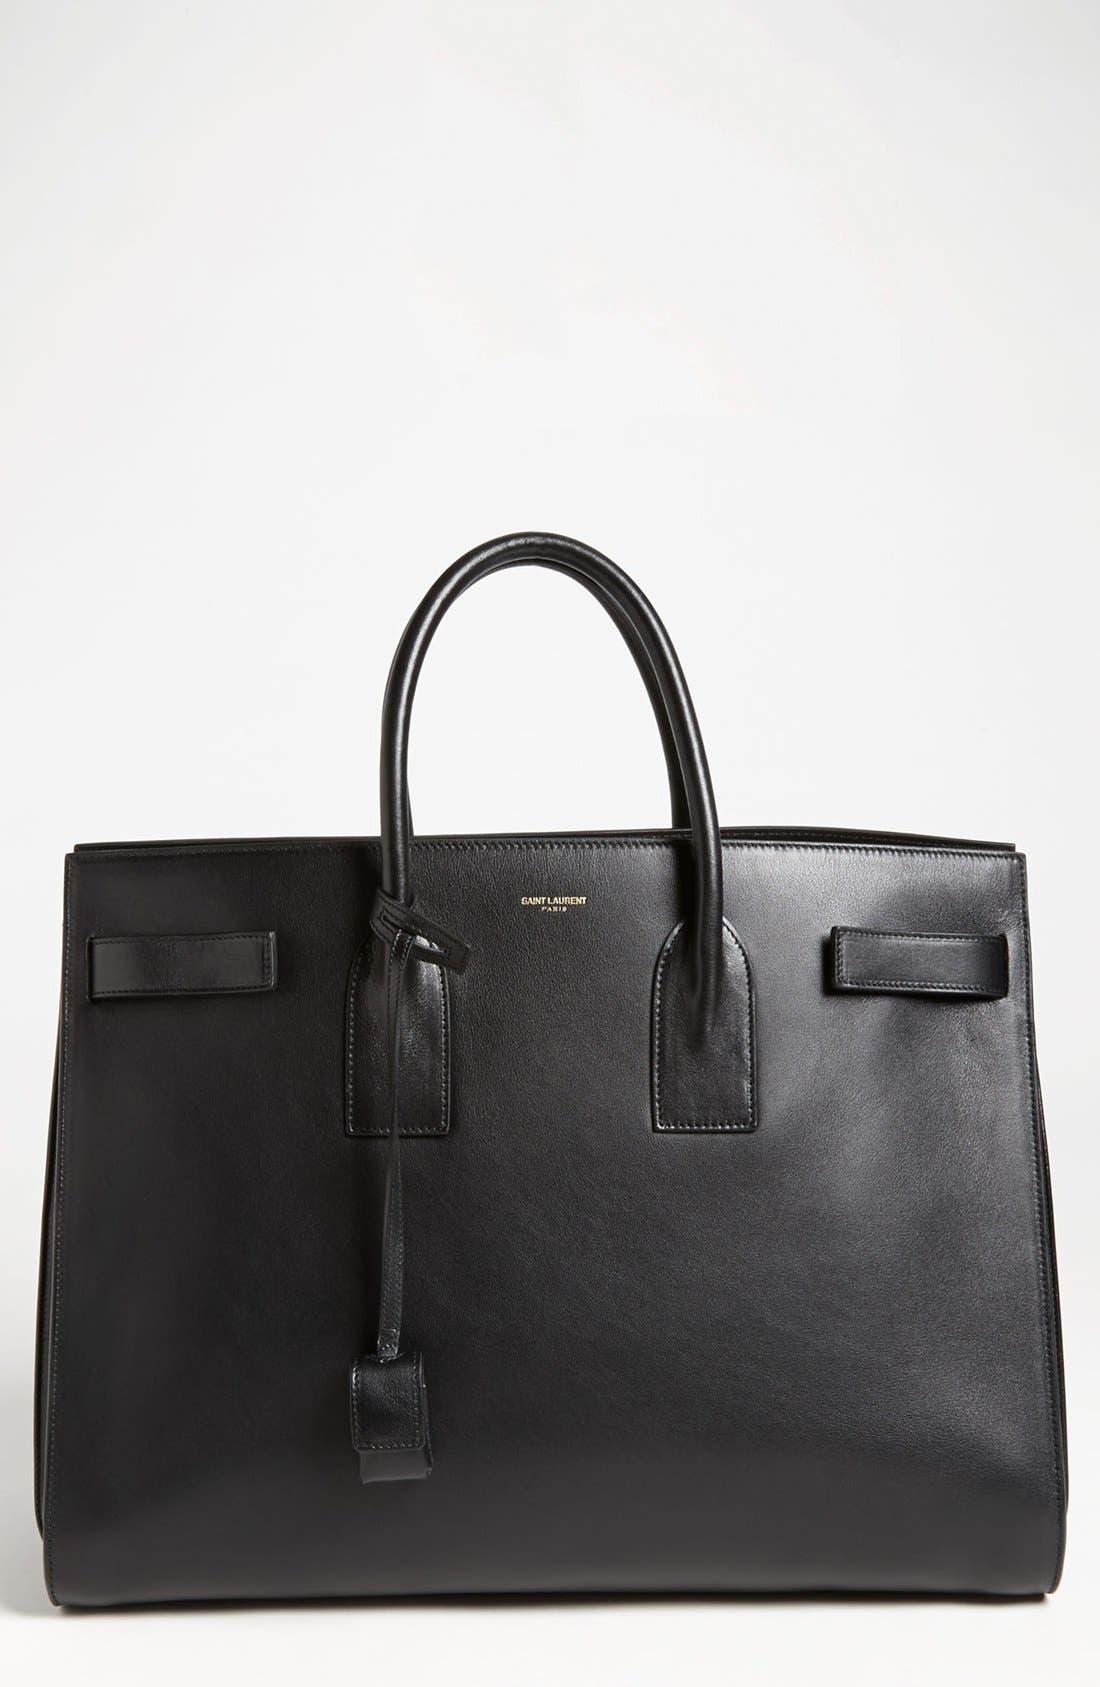 Main Image - Saint Laurent 'Sac de Jour' Leather Tote